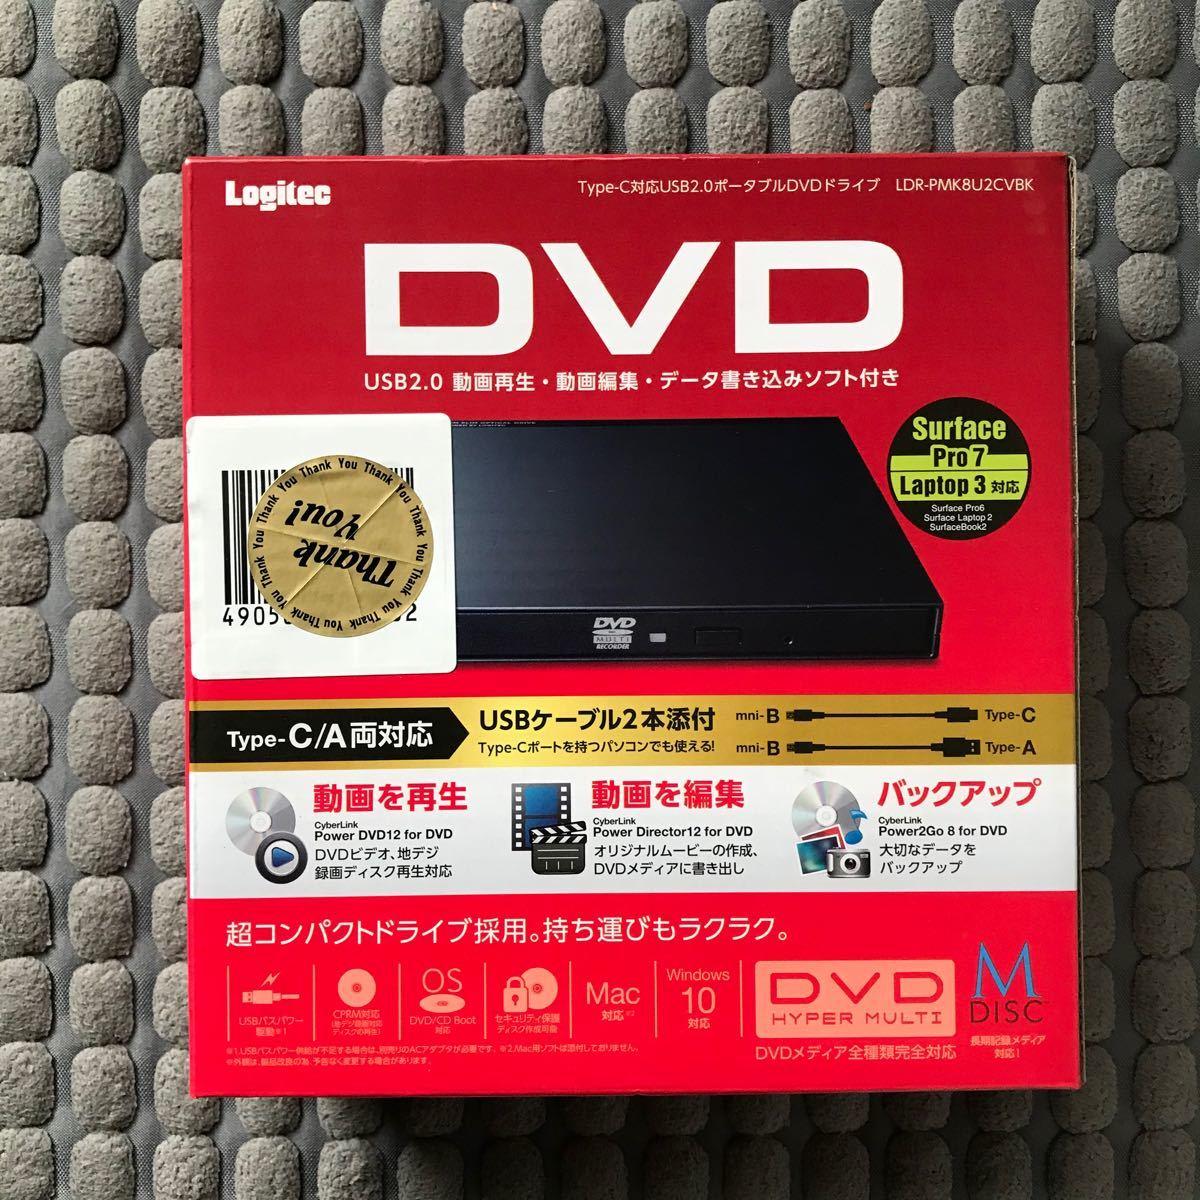 ロジテック DVDドライブ(LDR-PMK8U2CVBK ポータブル